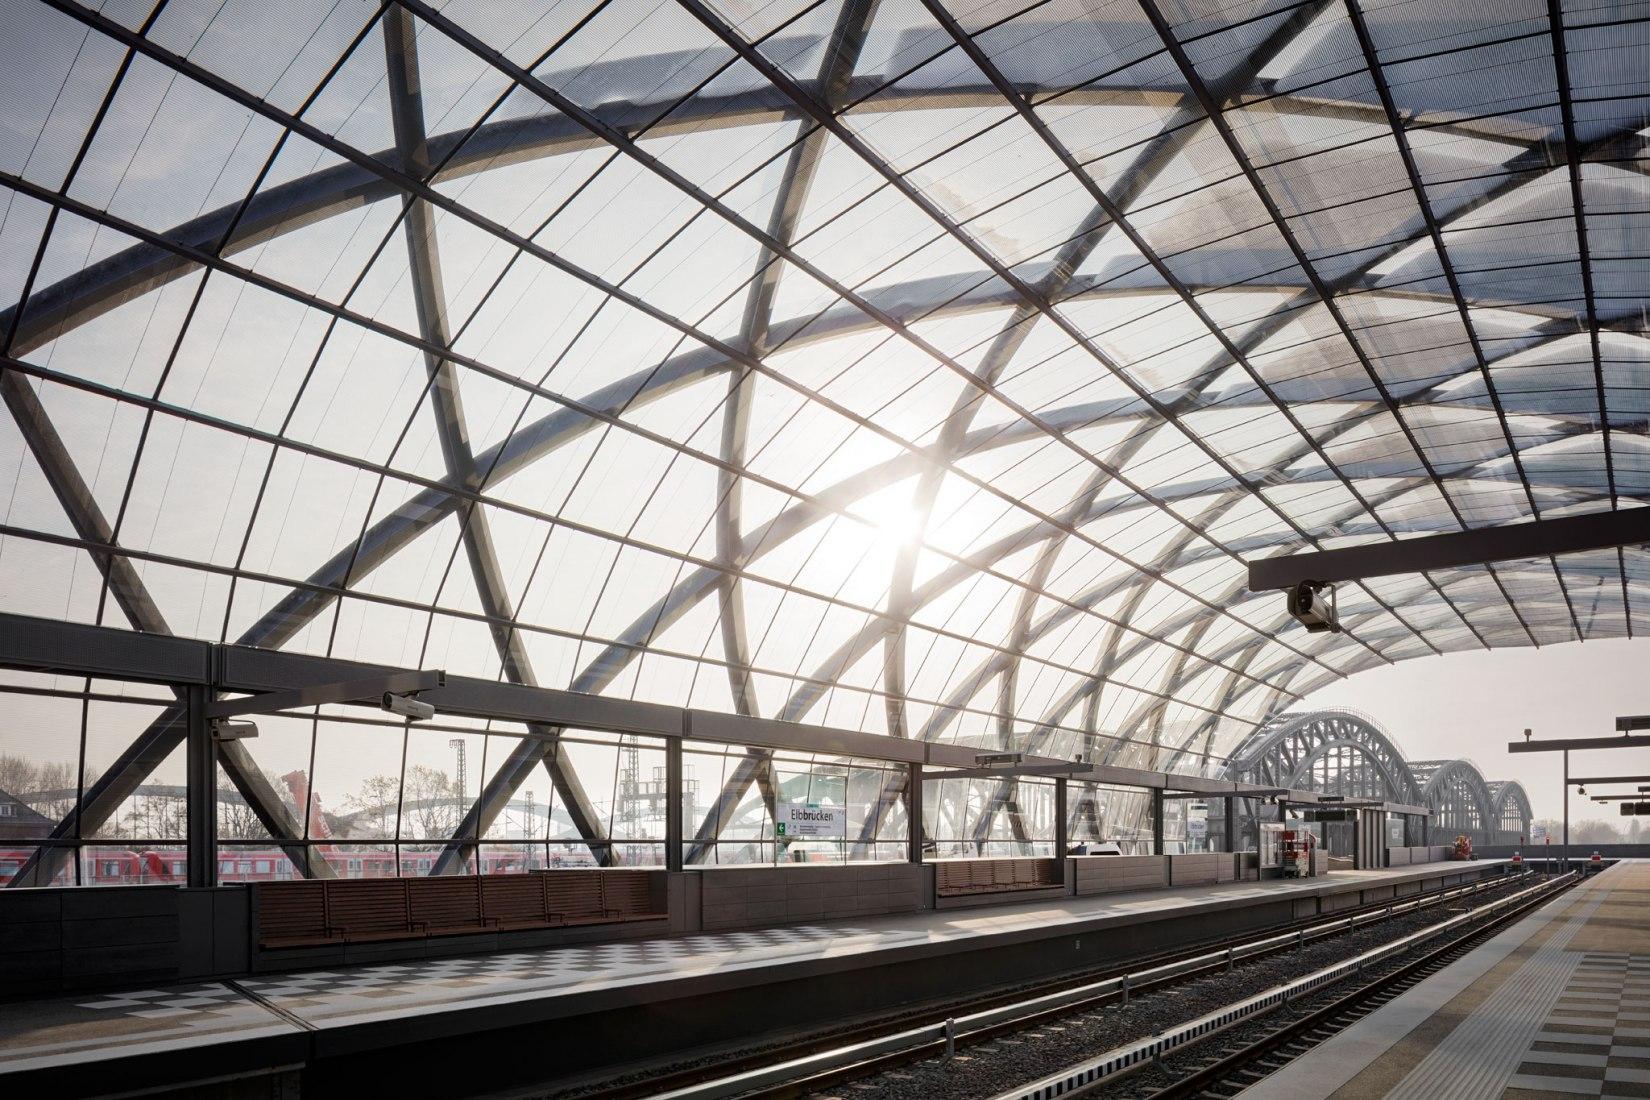 New Elbbrücken Underground station by gmp Architekten and sbp. Photograph by Marcus Bredt.